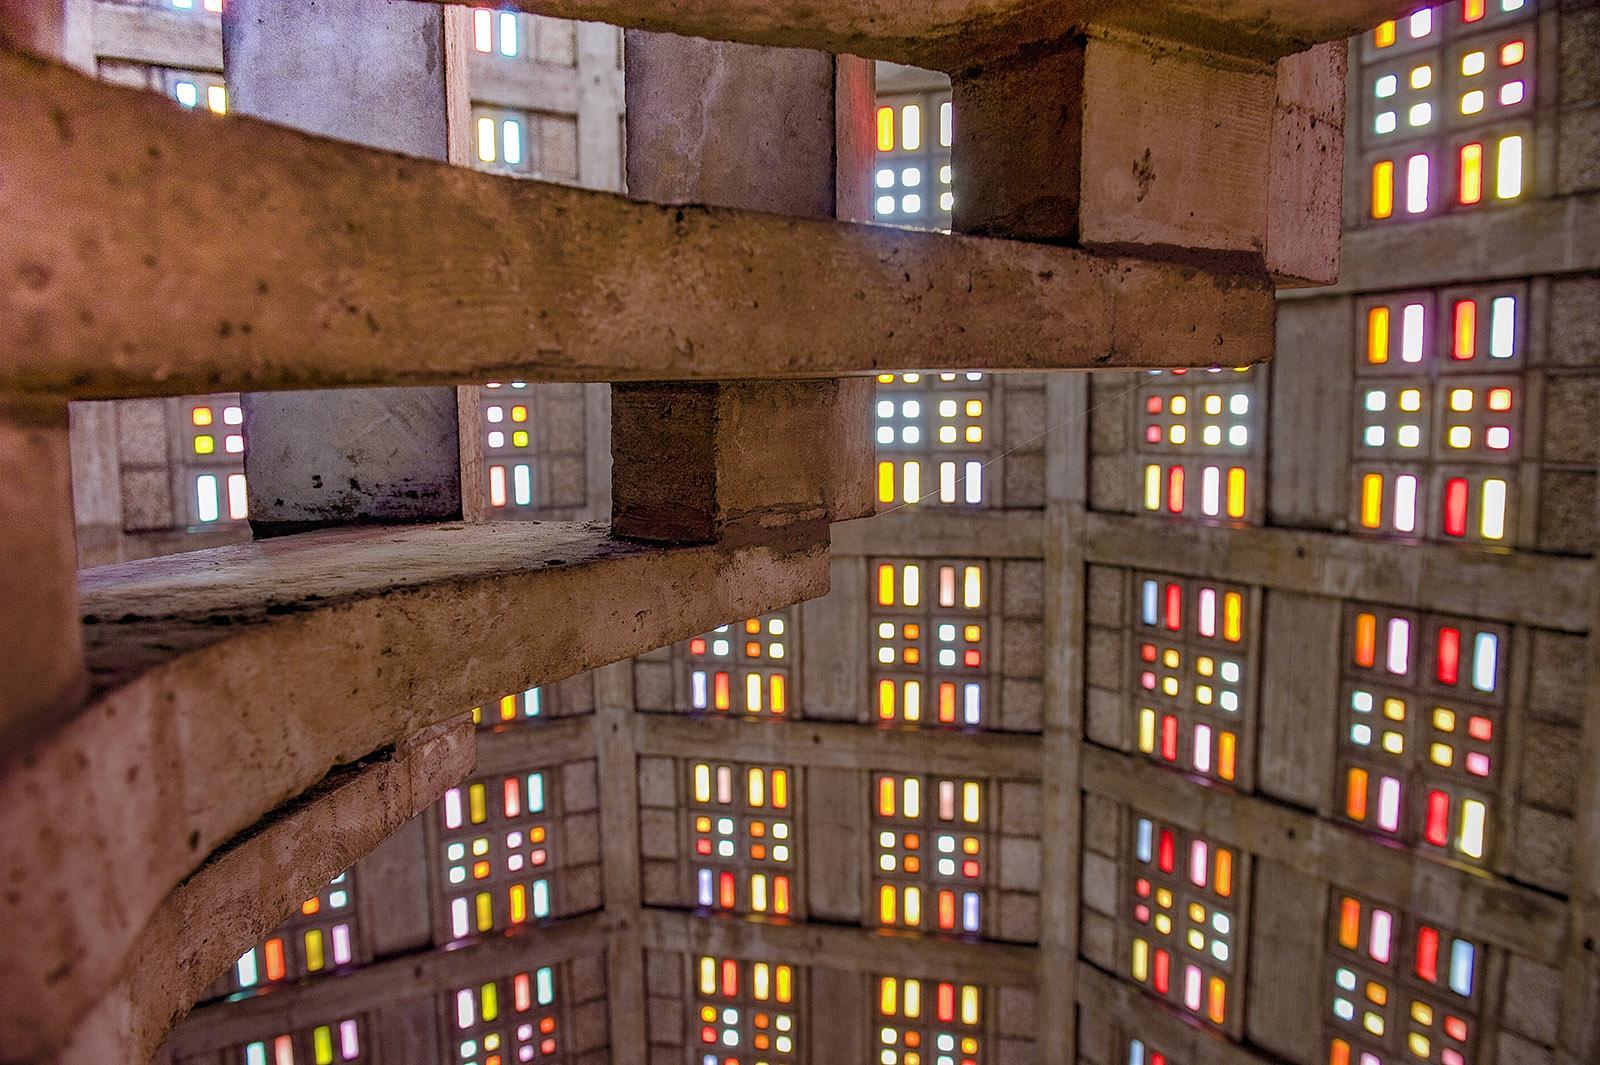 Église Saint Joseph von Le Havre: Von der offenen Wendeltreppe zum Turm eröffnen sich immer wieder neue Ausblicke auf das Farbenspiel der Glasfenster. Foto: Hilke Maunder